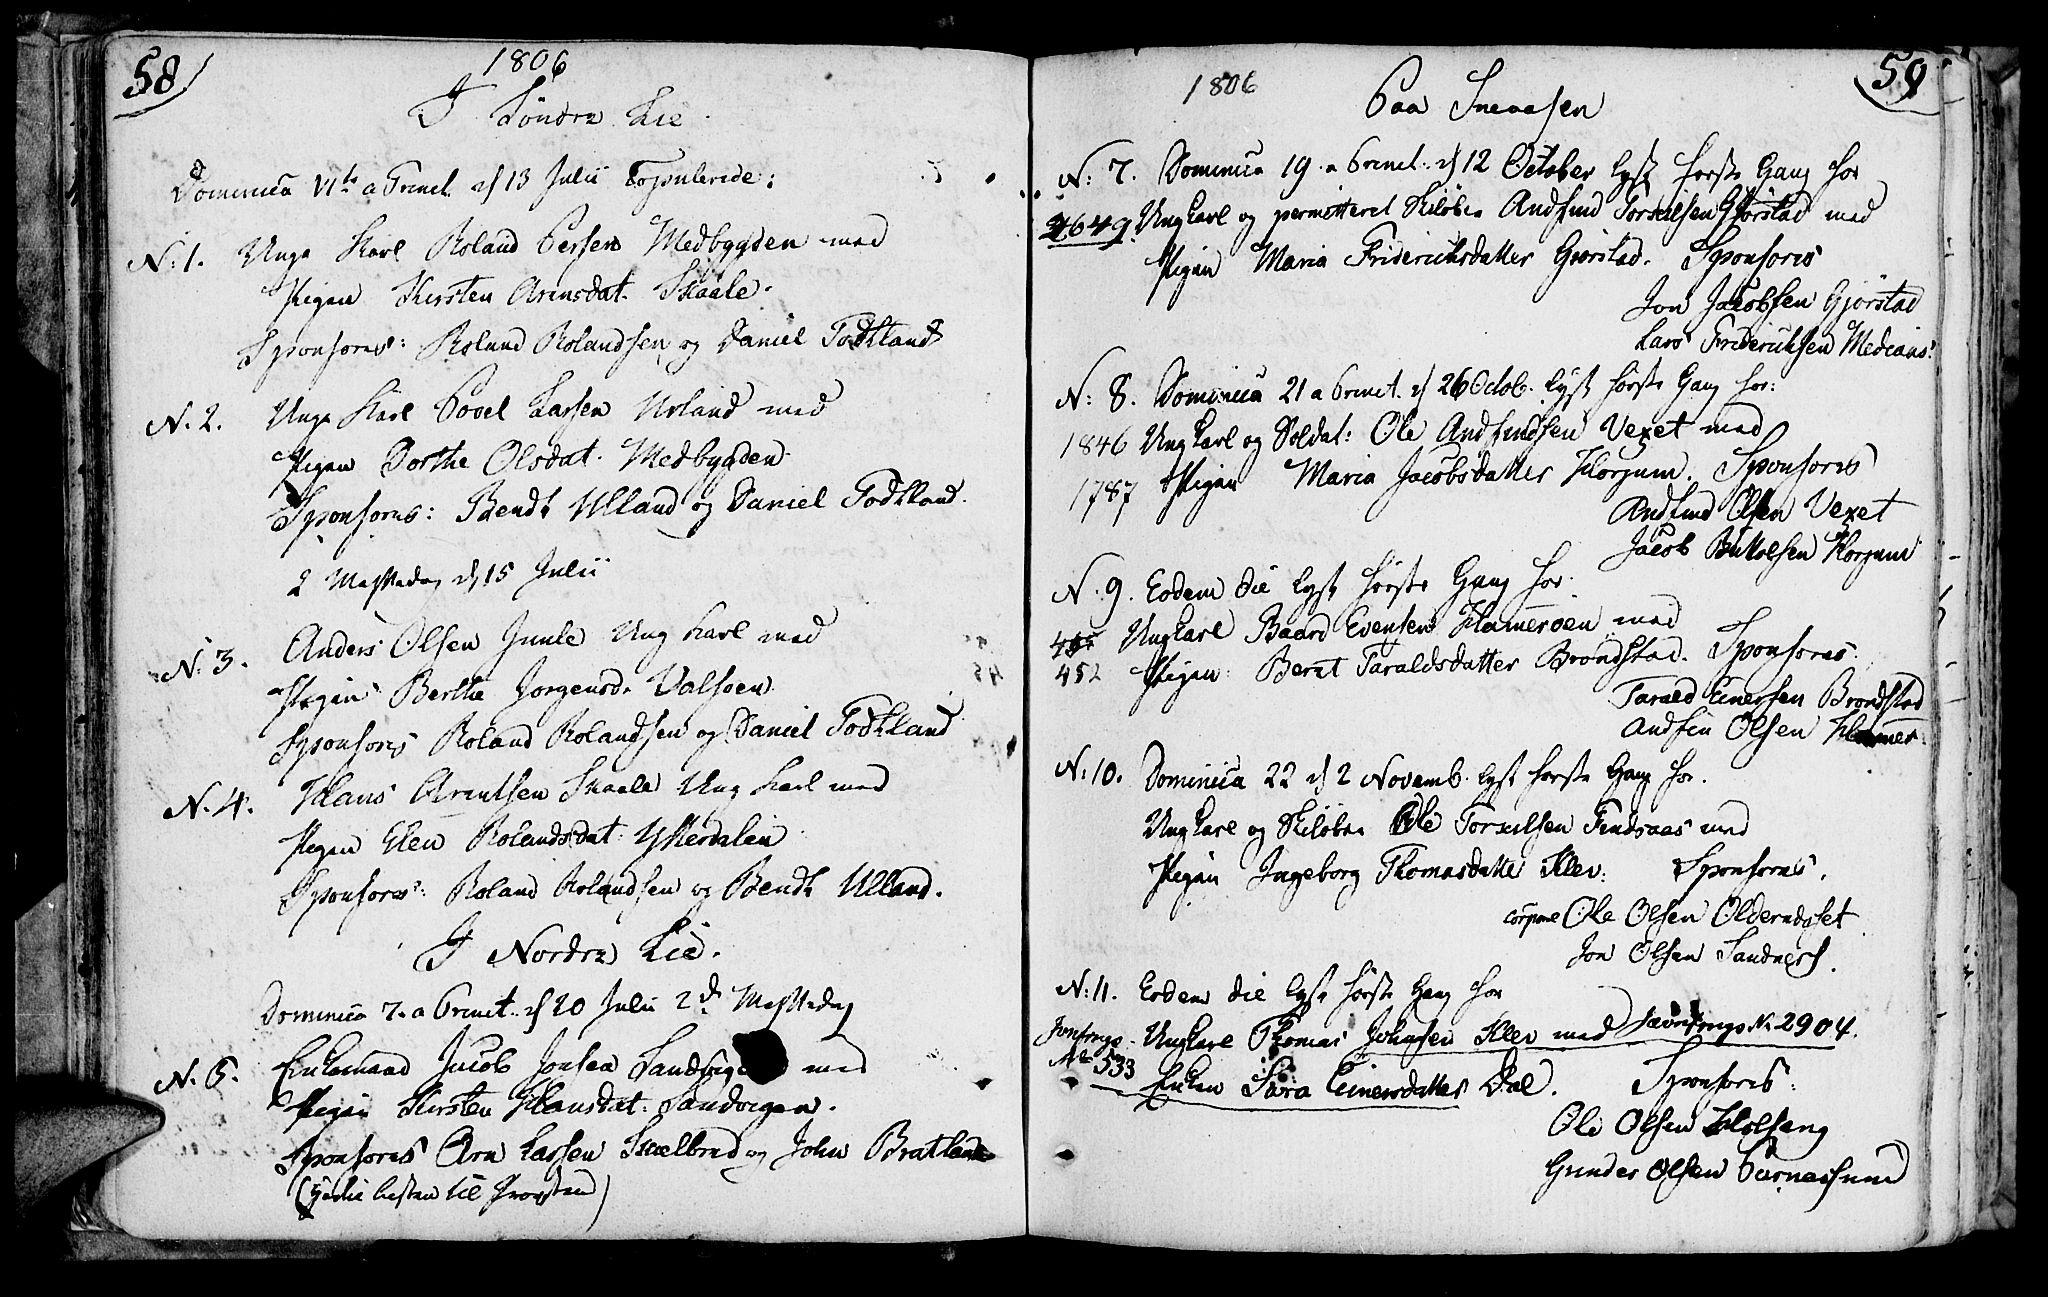 SAT, Ministerialprotokoller, klokkerbøker og fødselsregistre - Nord-Trøndelag, 749/L0468: Ministerialbok nr. 749A02, 1787-1817, s. 58-59